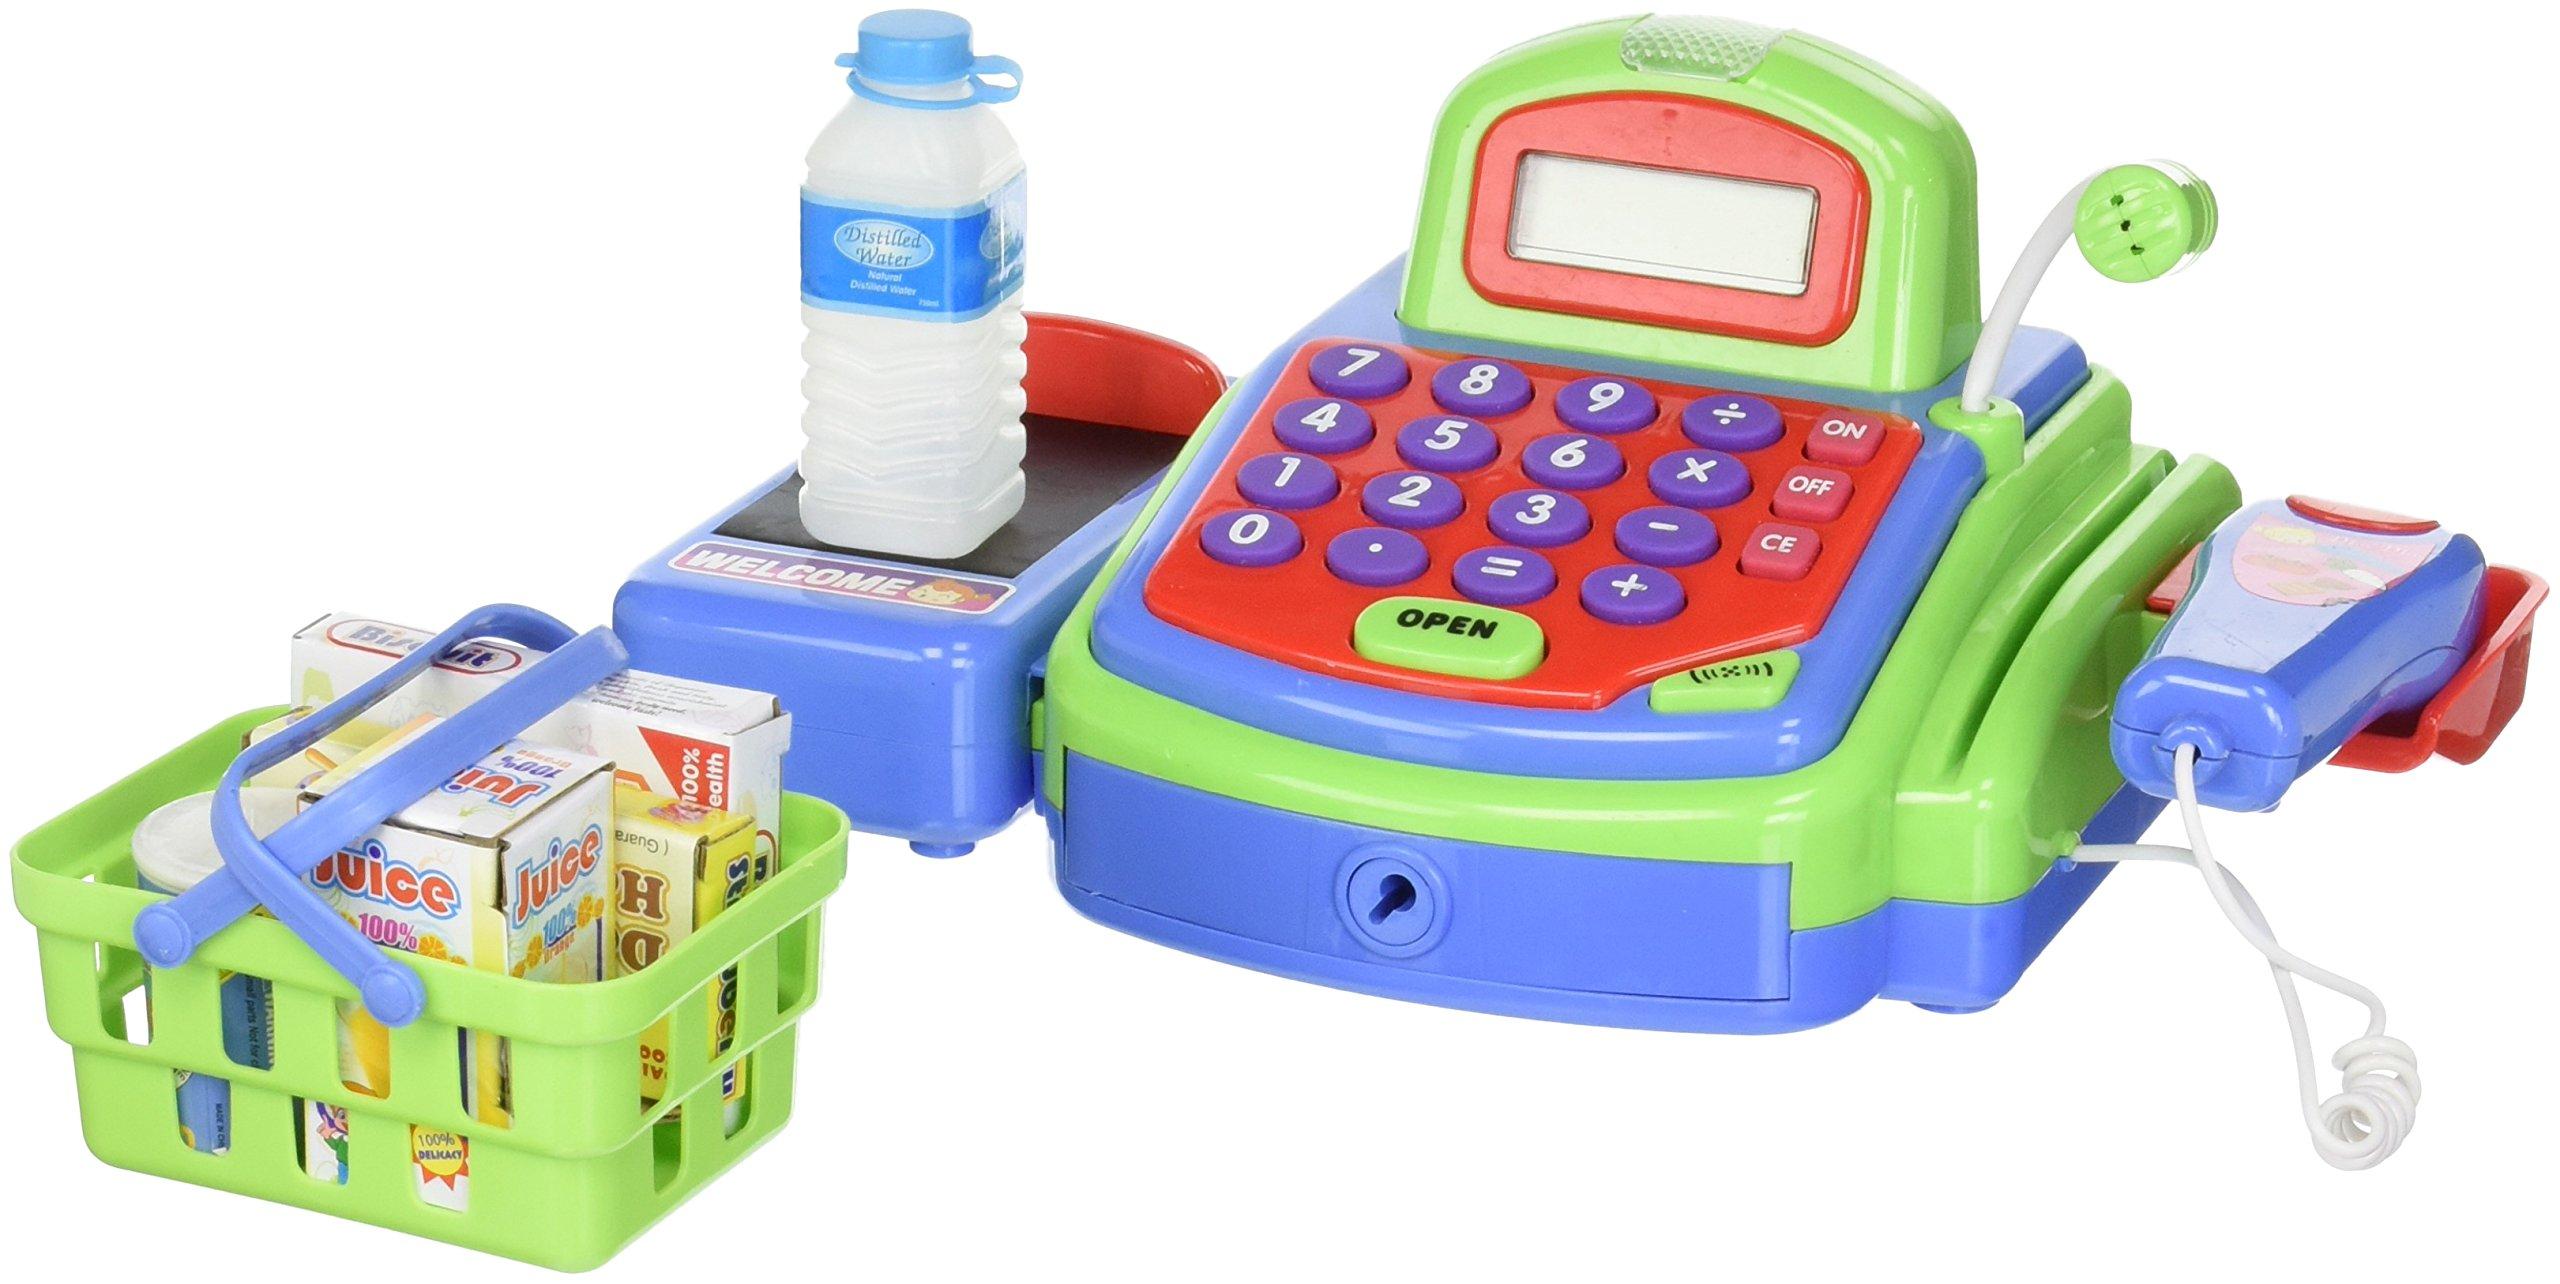 Toysmith Cash Register by Toysmith